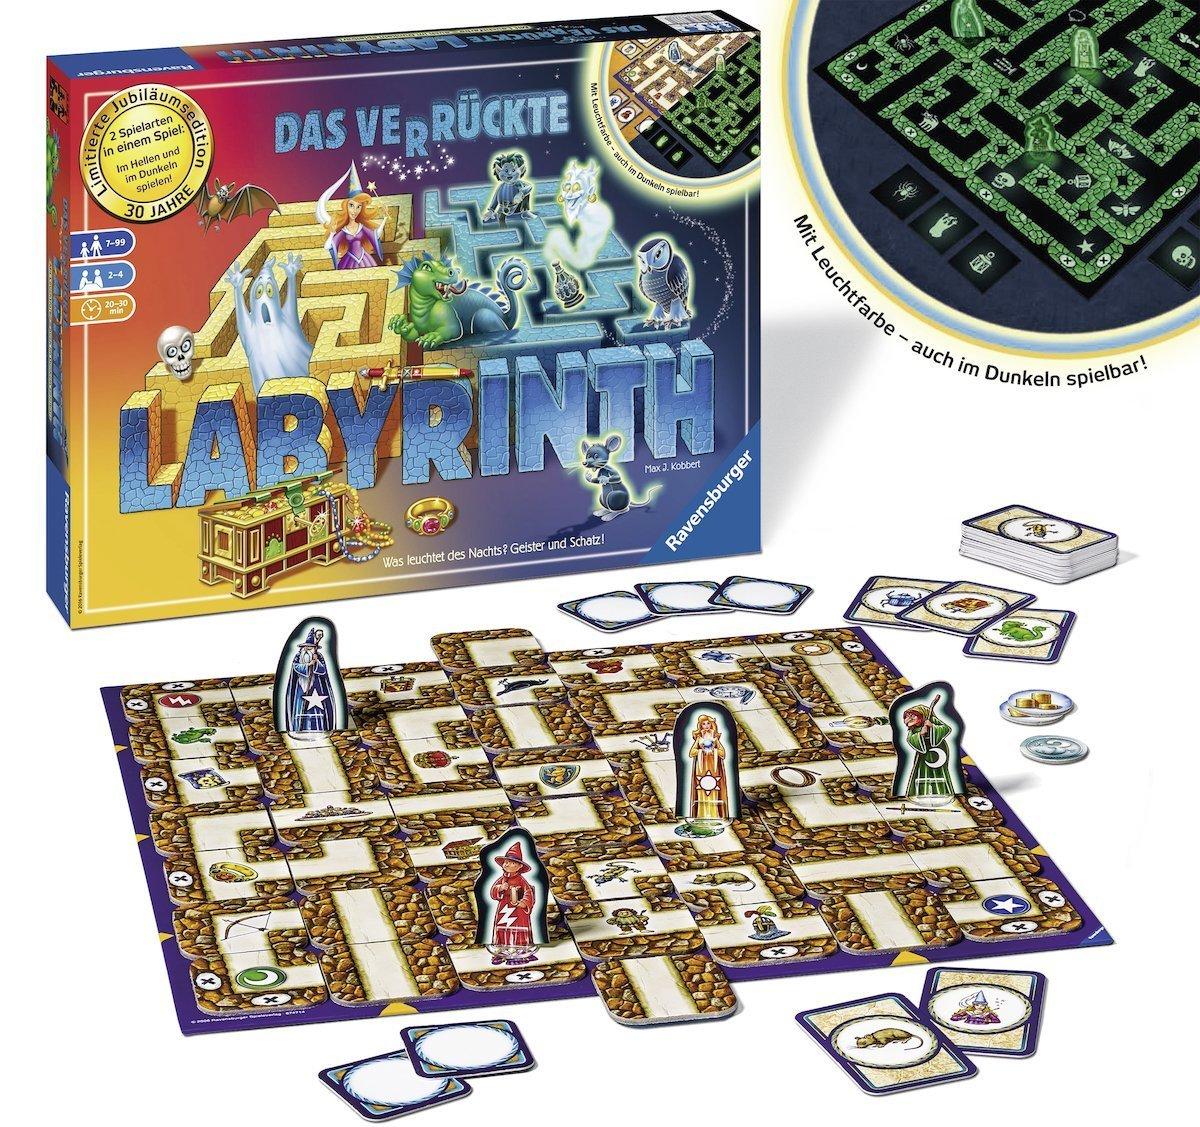 Das verrückte Labyrinth - 30 Jahre Jubiläumsedition für 15,99€ [Amazon Prime]